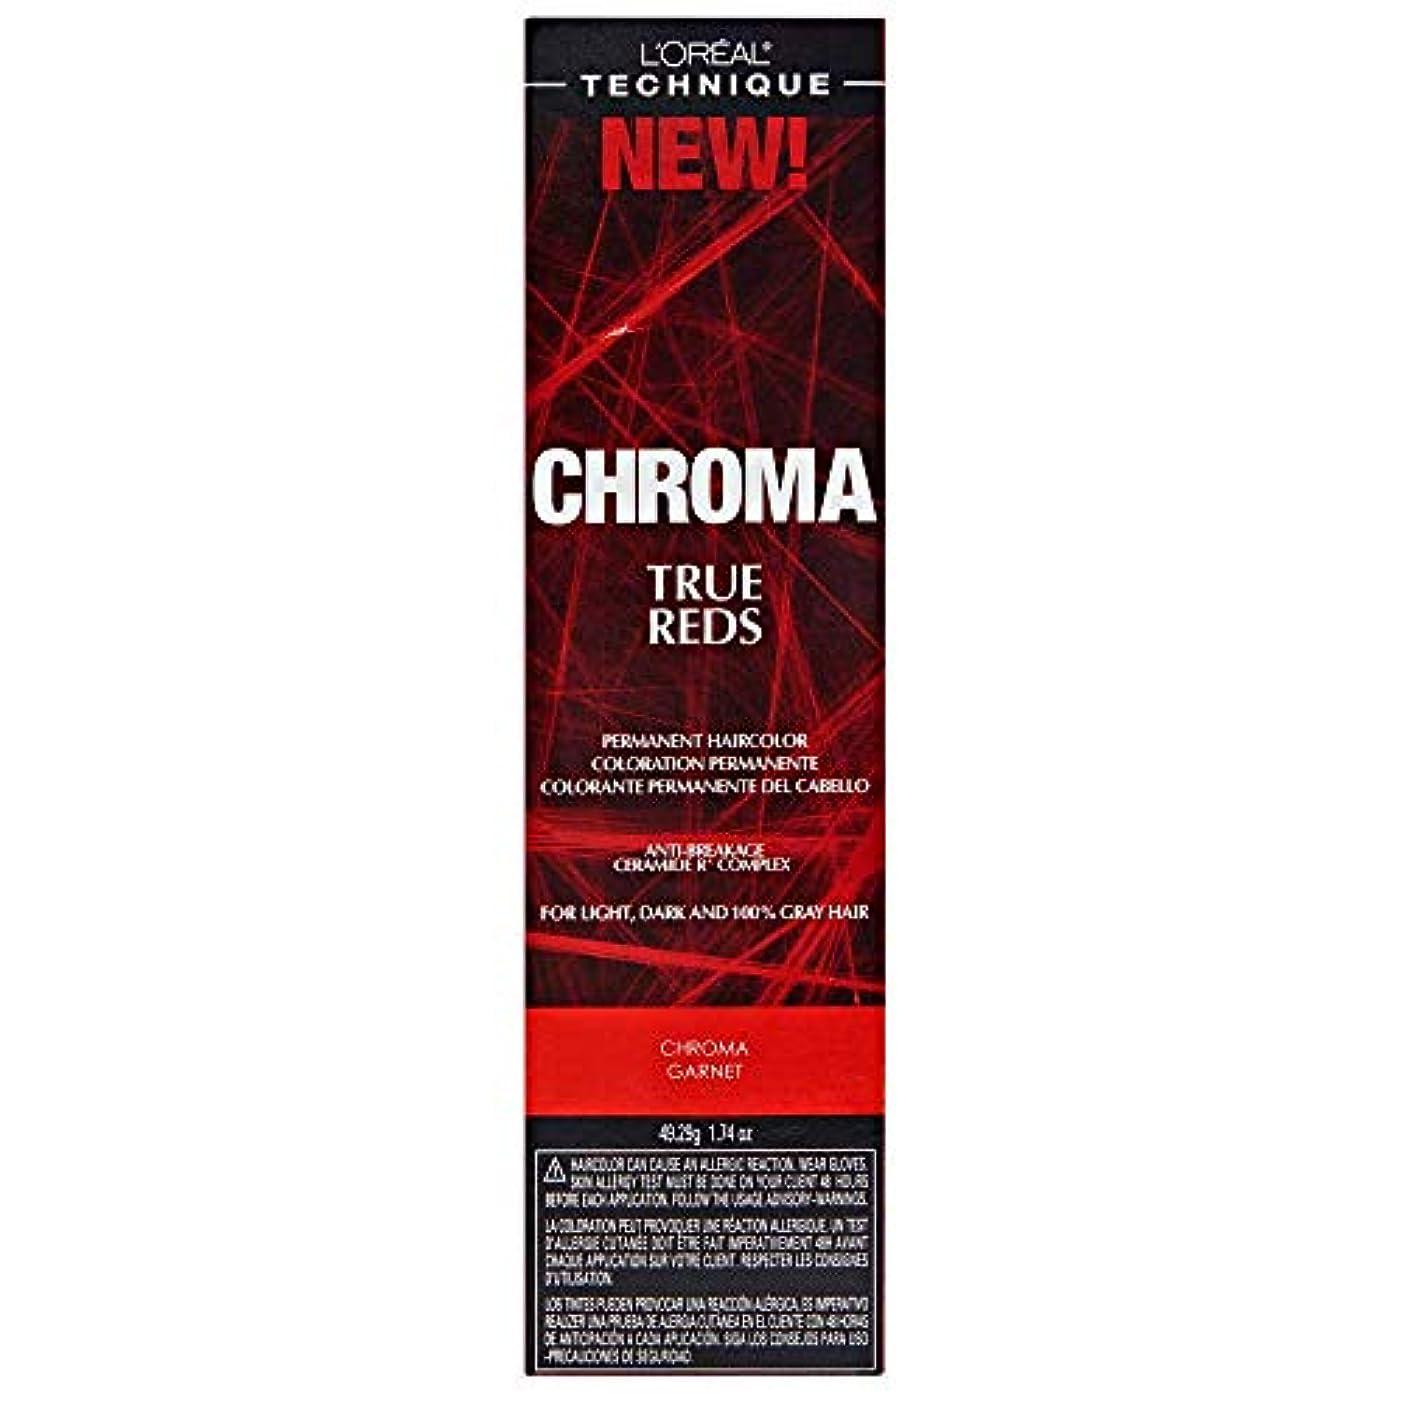 患者スープ政治家のL'Oreal Technique Chroma True Reds - Chroma Garnet - 1.74oz / 49.29g